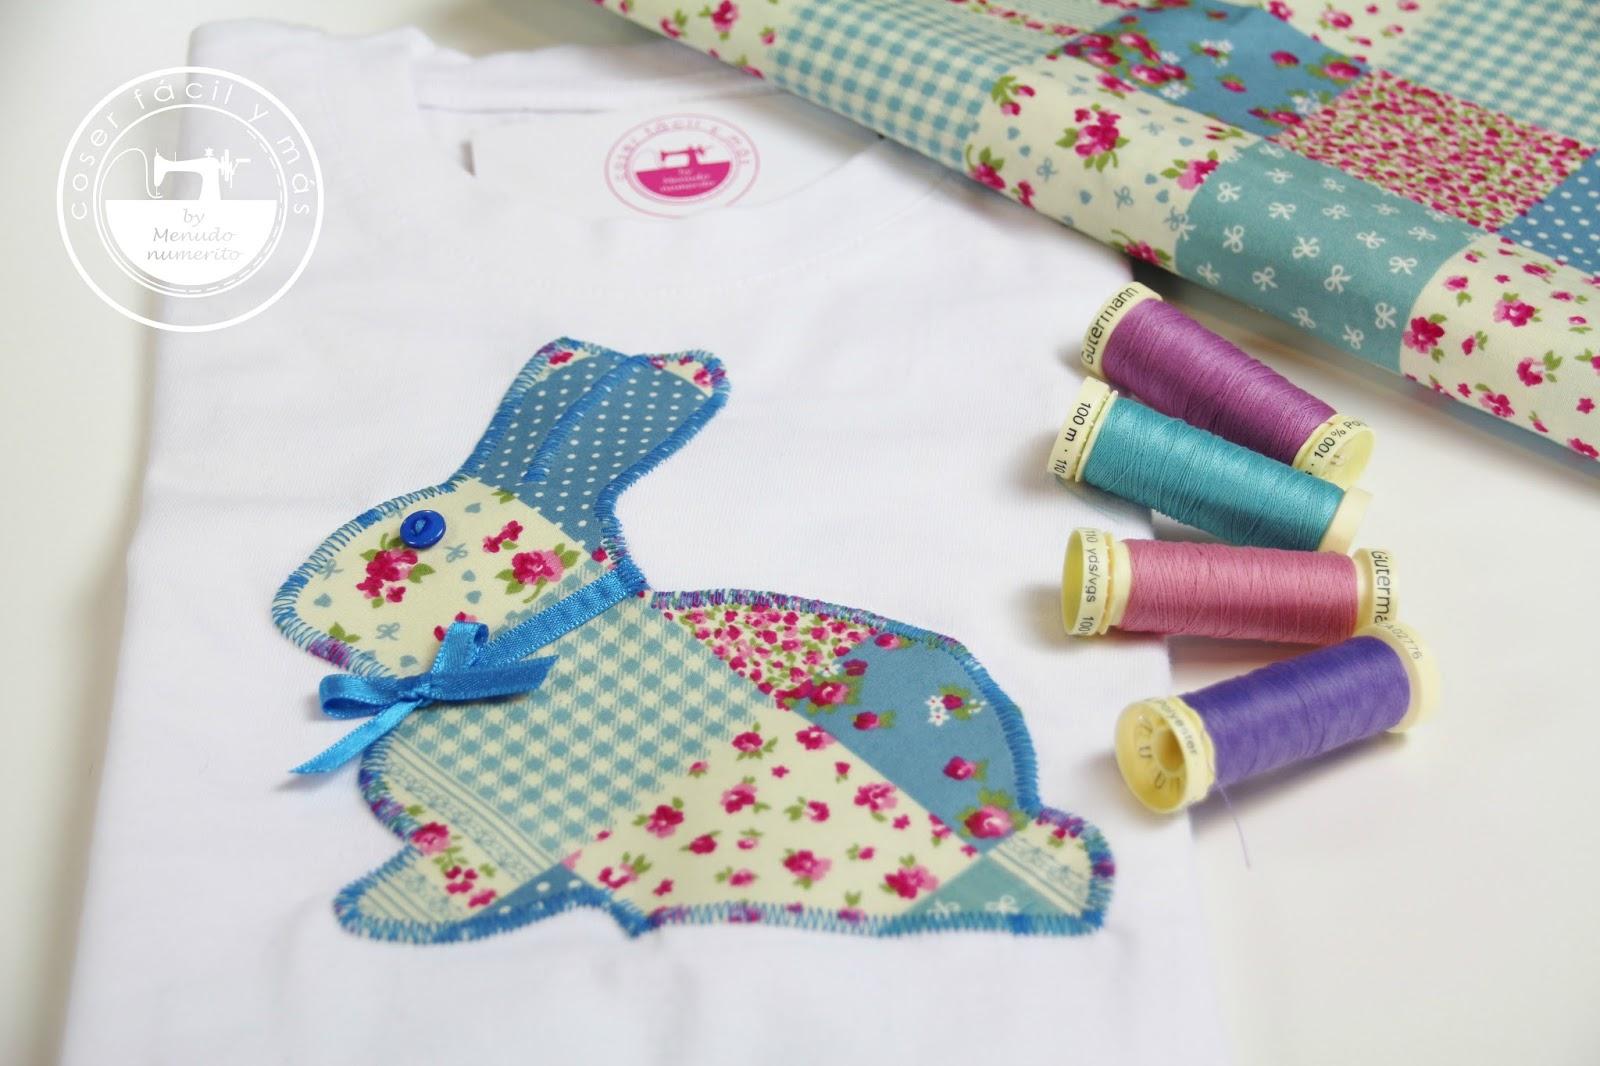 Tecnicas Para Decorar Y Personalizar Camisetas Handbox Craft  ~ Ideas Para Decorar Camisetas Infantiles